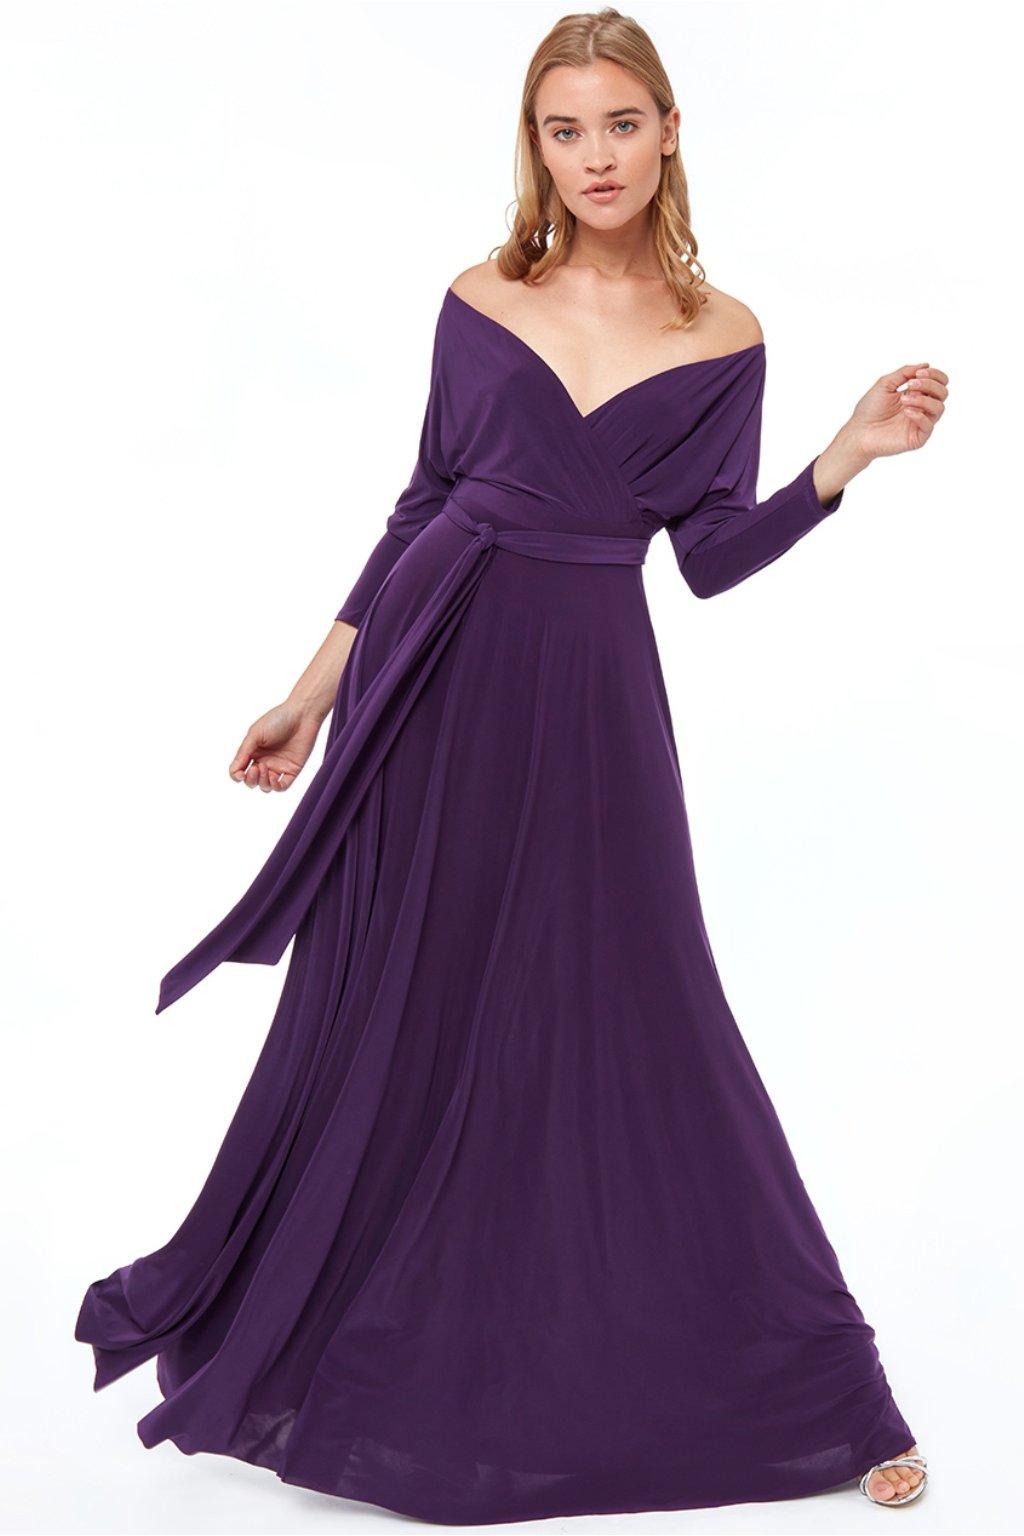 Fialové spoločenské šaty s dlhými rukávmi